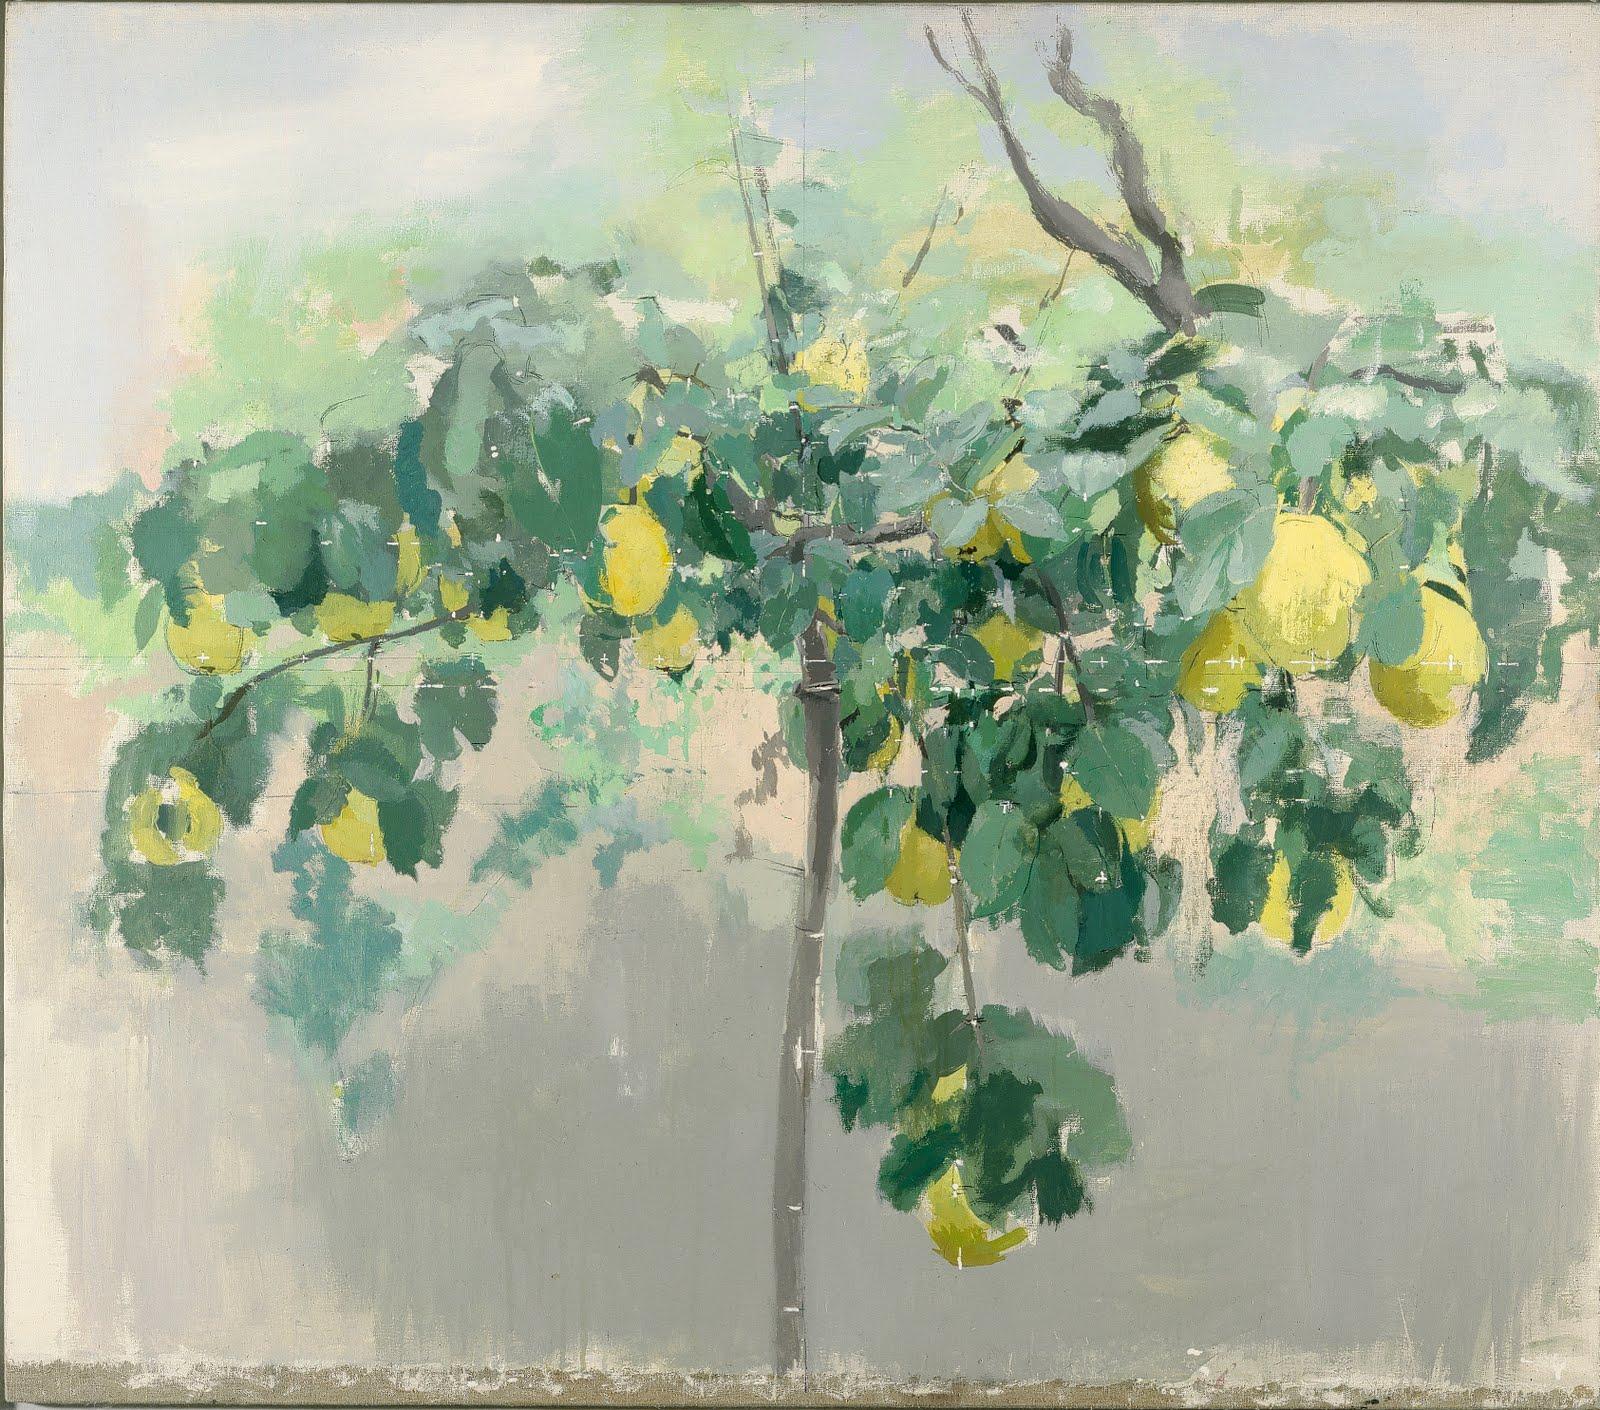 Mi kaos blanca 144 hay pintura y pintura - Arbol de membrillo ...